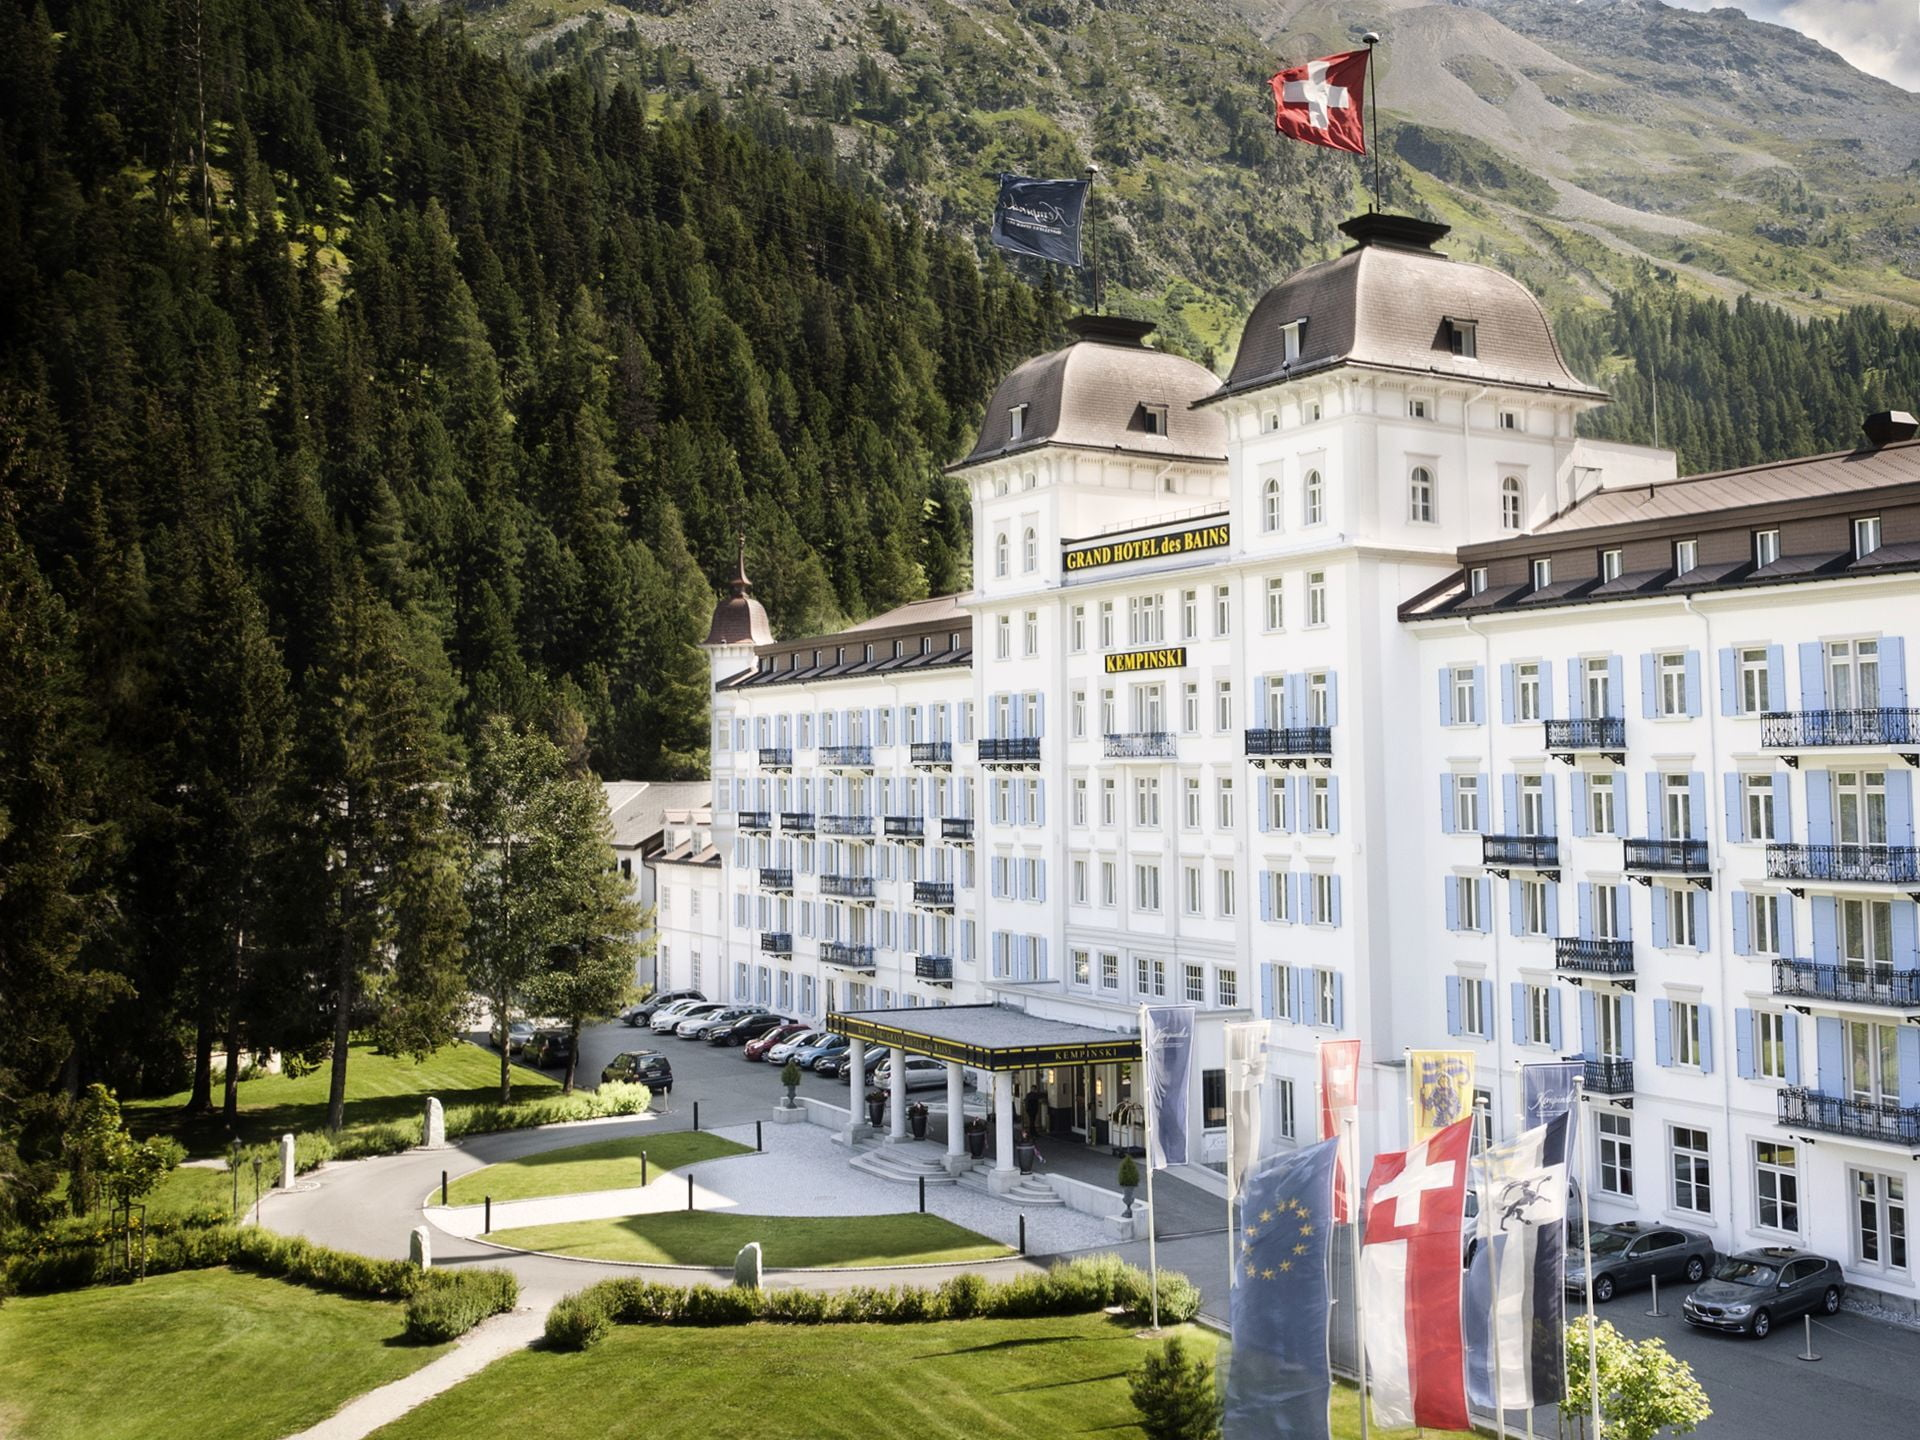 Kempinski Grand Hotel des Bains, St. Moritz